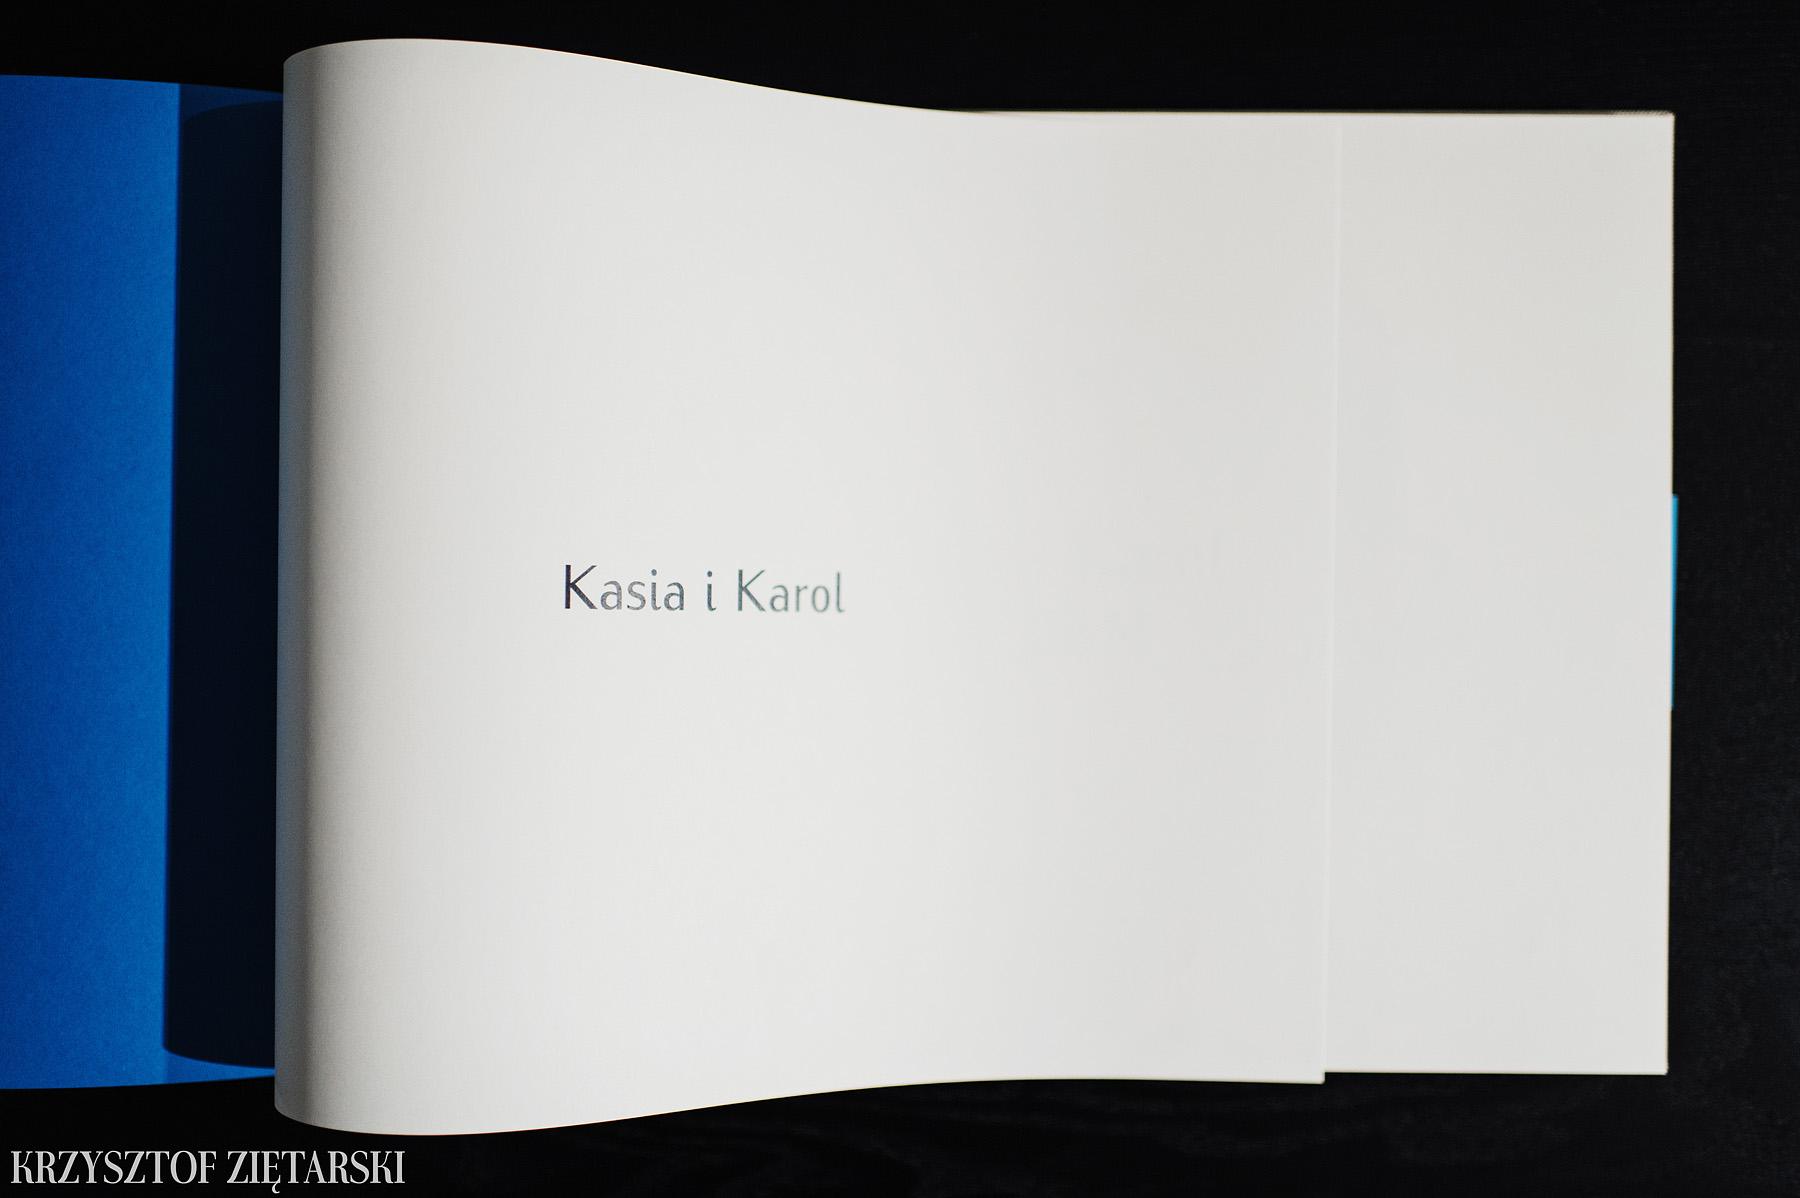 FlatBook 40x30cm ( format już niedostępny ), 160 stron na papierze niepowlekanym 150g/m2 w neutralnym wariancie ( dostępny jest też lekko kremowy ), płótno lniane surowe C11, wyklejka w kolorze turkusowym 031, i turkusowa paskowa obwoluta.